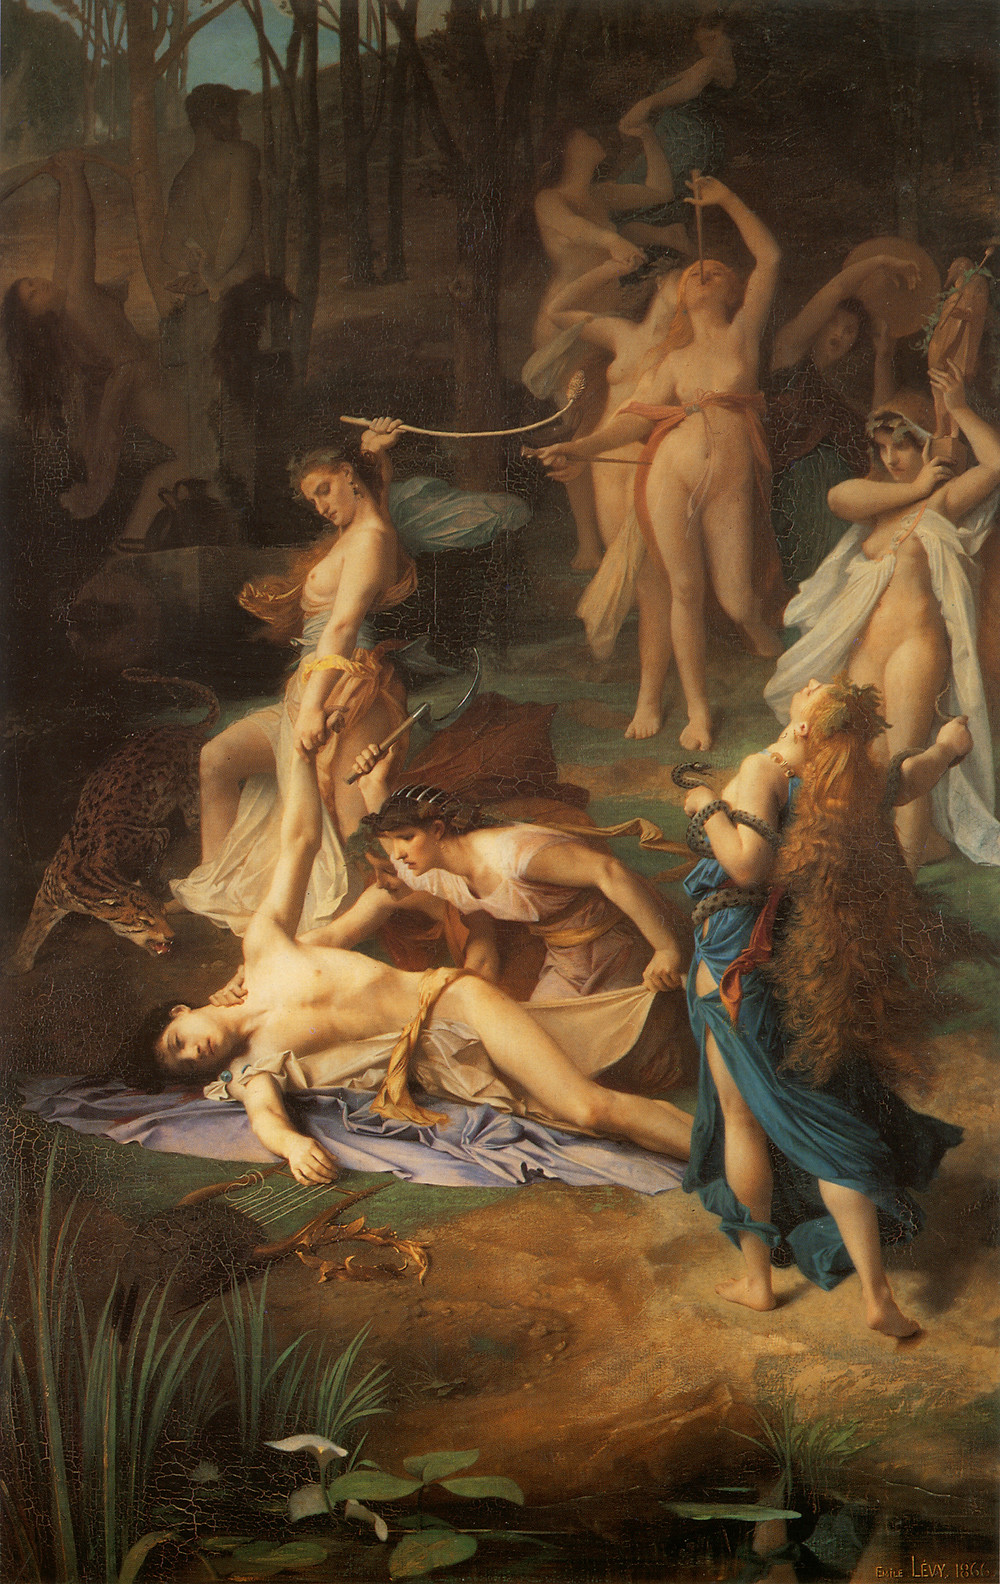 Death of Orpheus by Émile Lévy (1866)